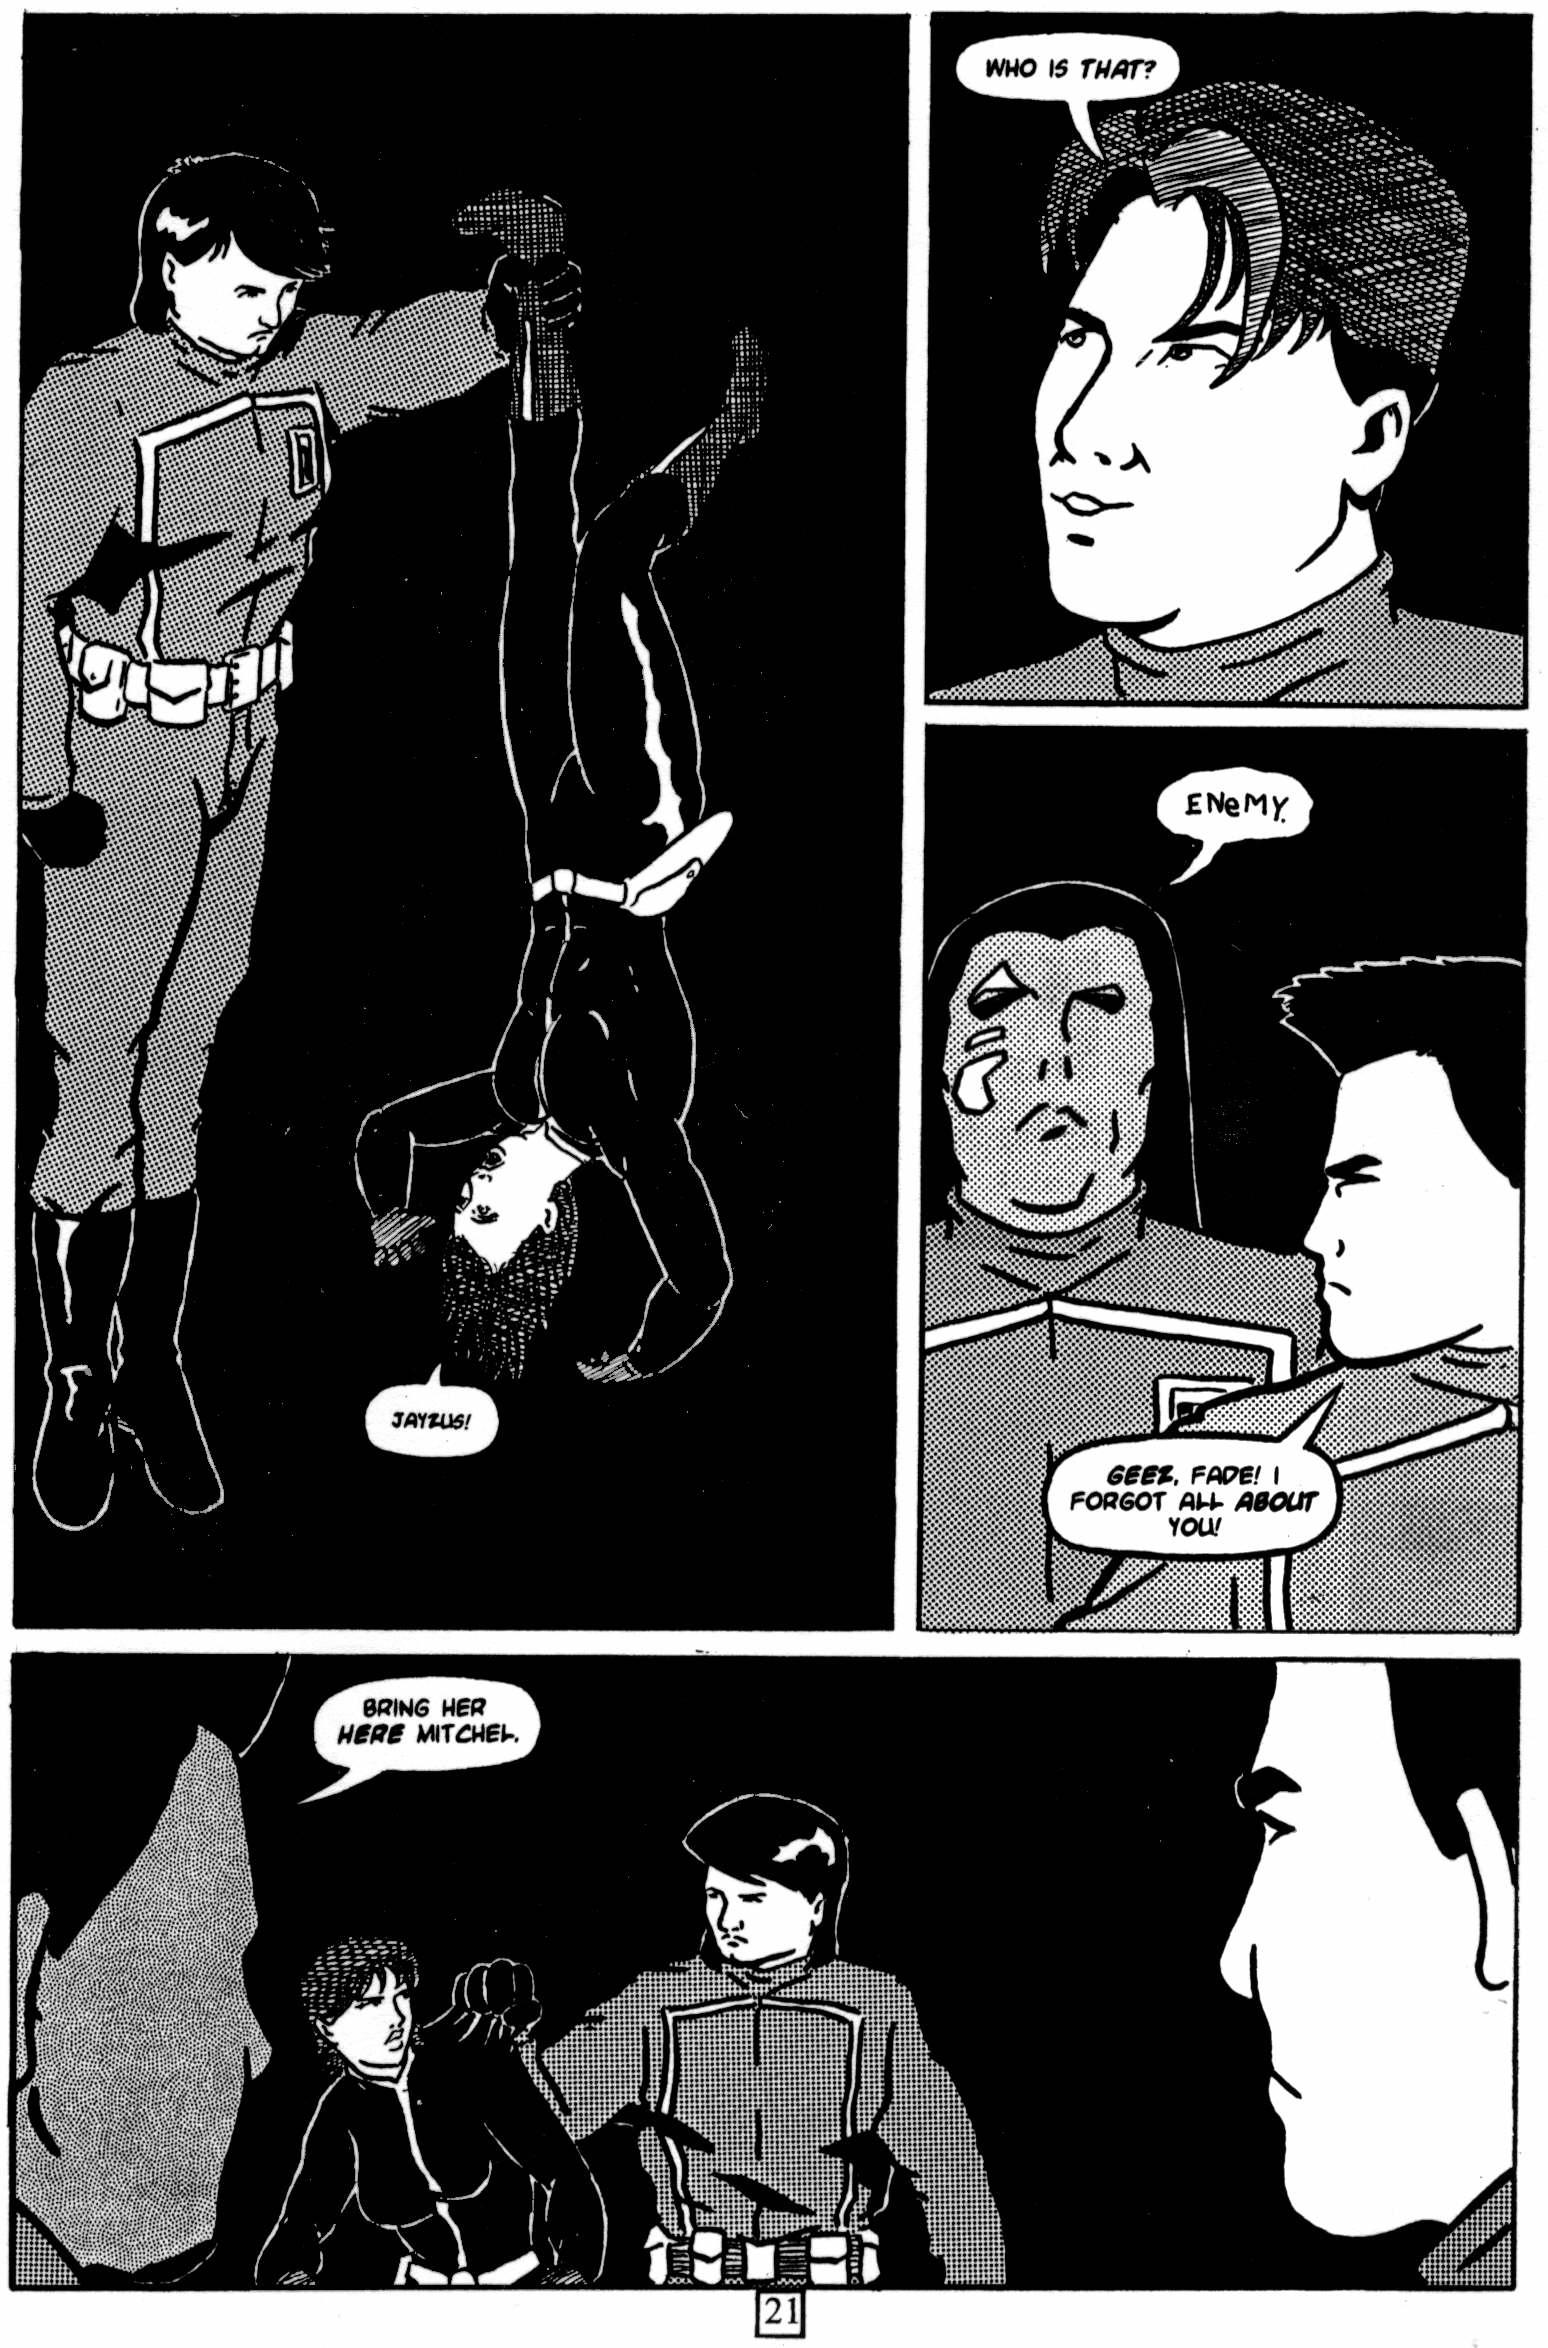 pg21.jpg